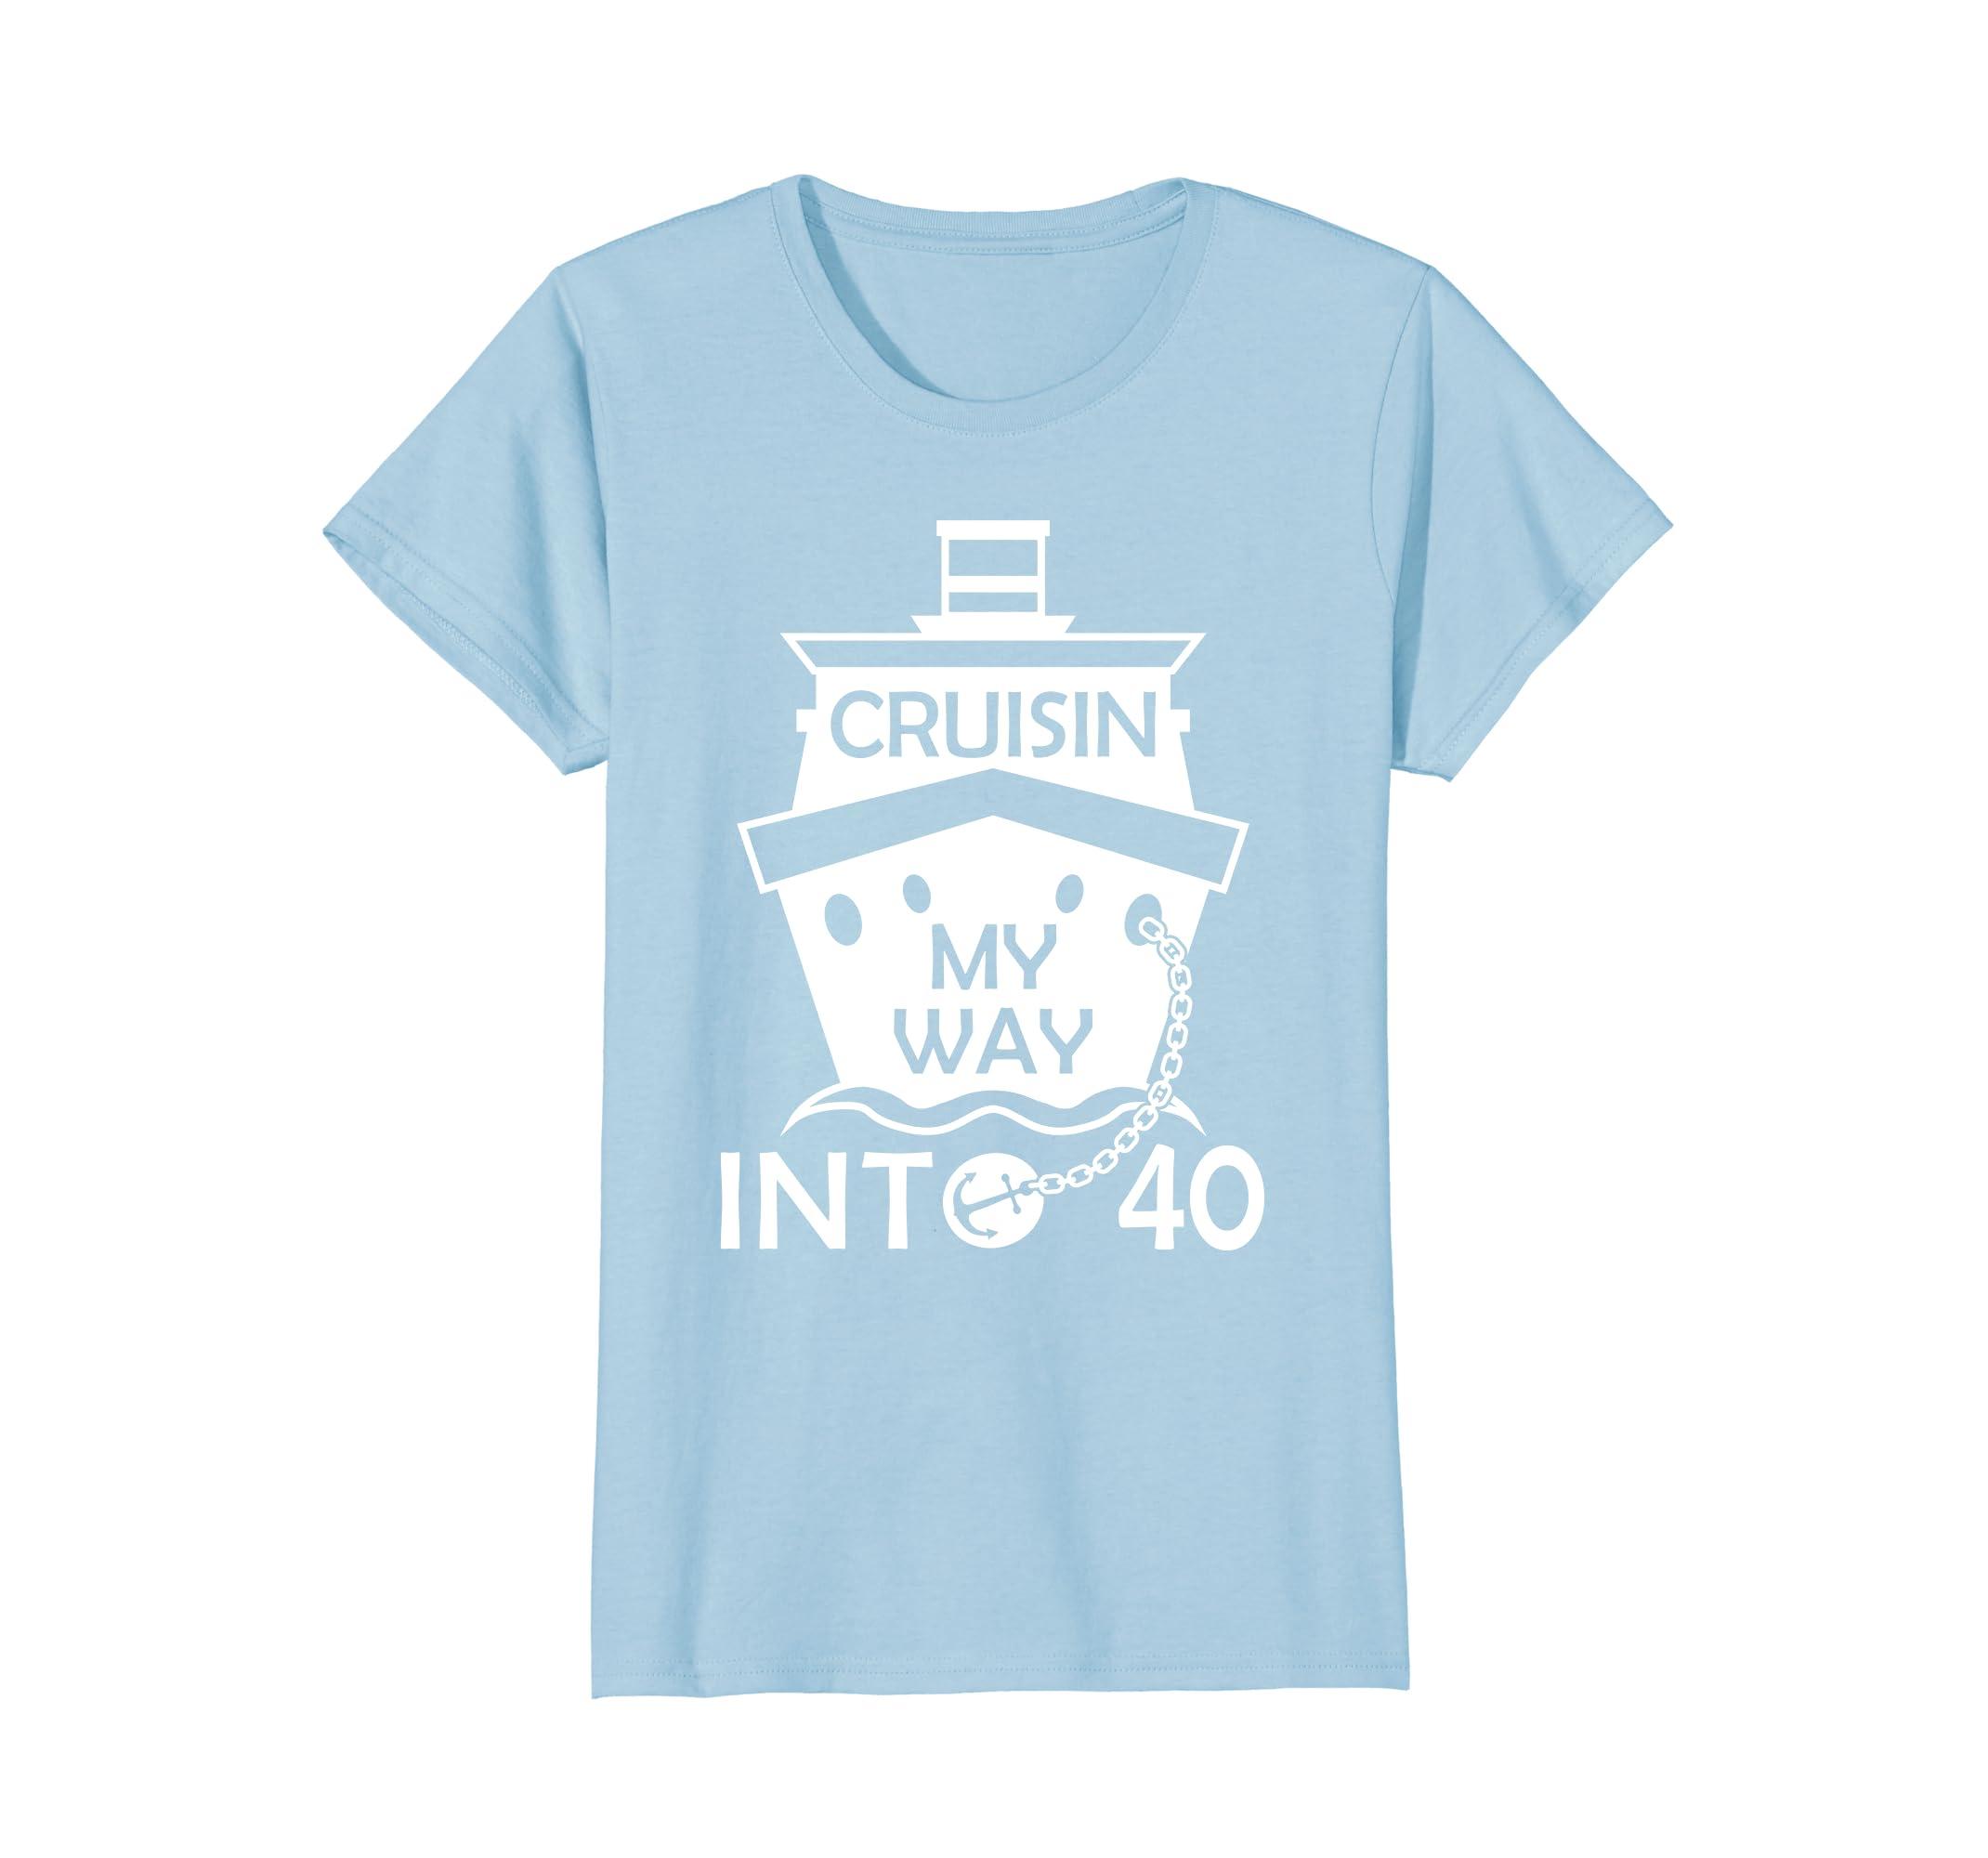 4c5dbe90 Amazon.com: 40th Birthday T Shirt Cruisin My Way Into 40 Funny Birthday:  Clothing